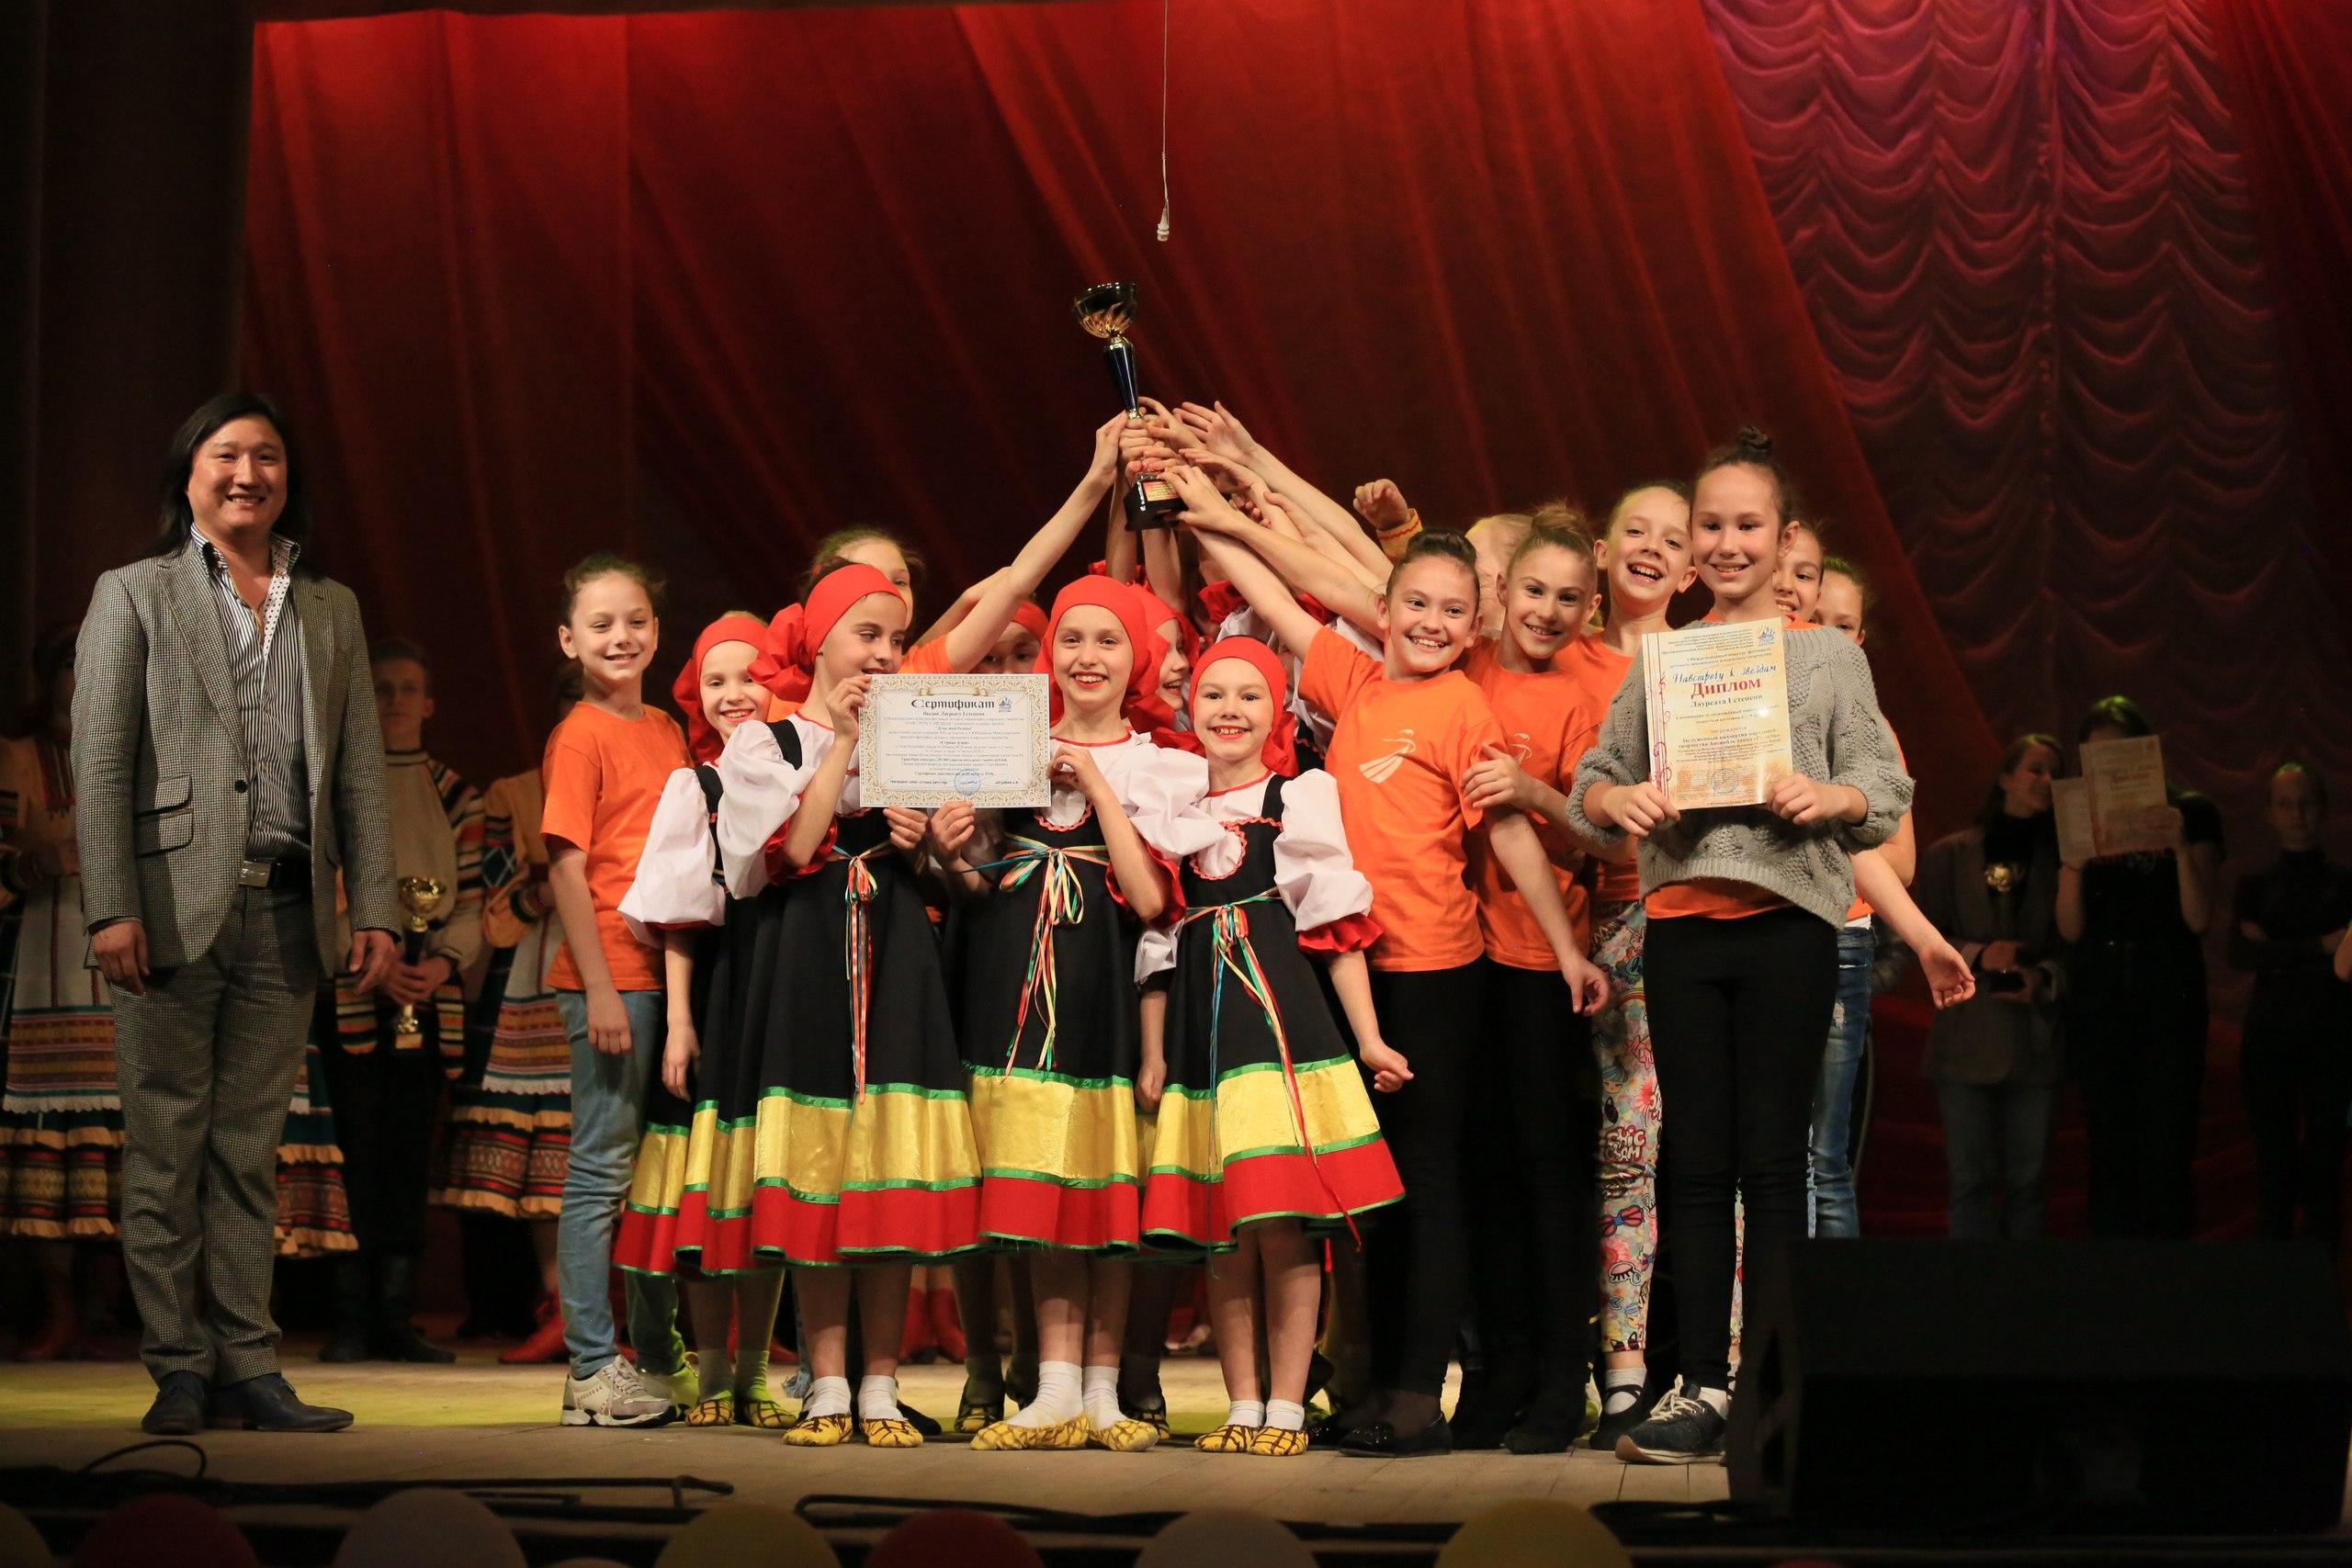 13 мая 2018г впервые в городе Мурманске прошел Международный конкурс-фестиваль детского, юношеского и взрослого творчества